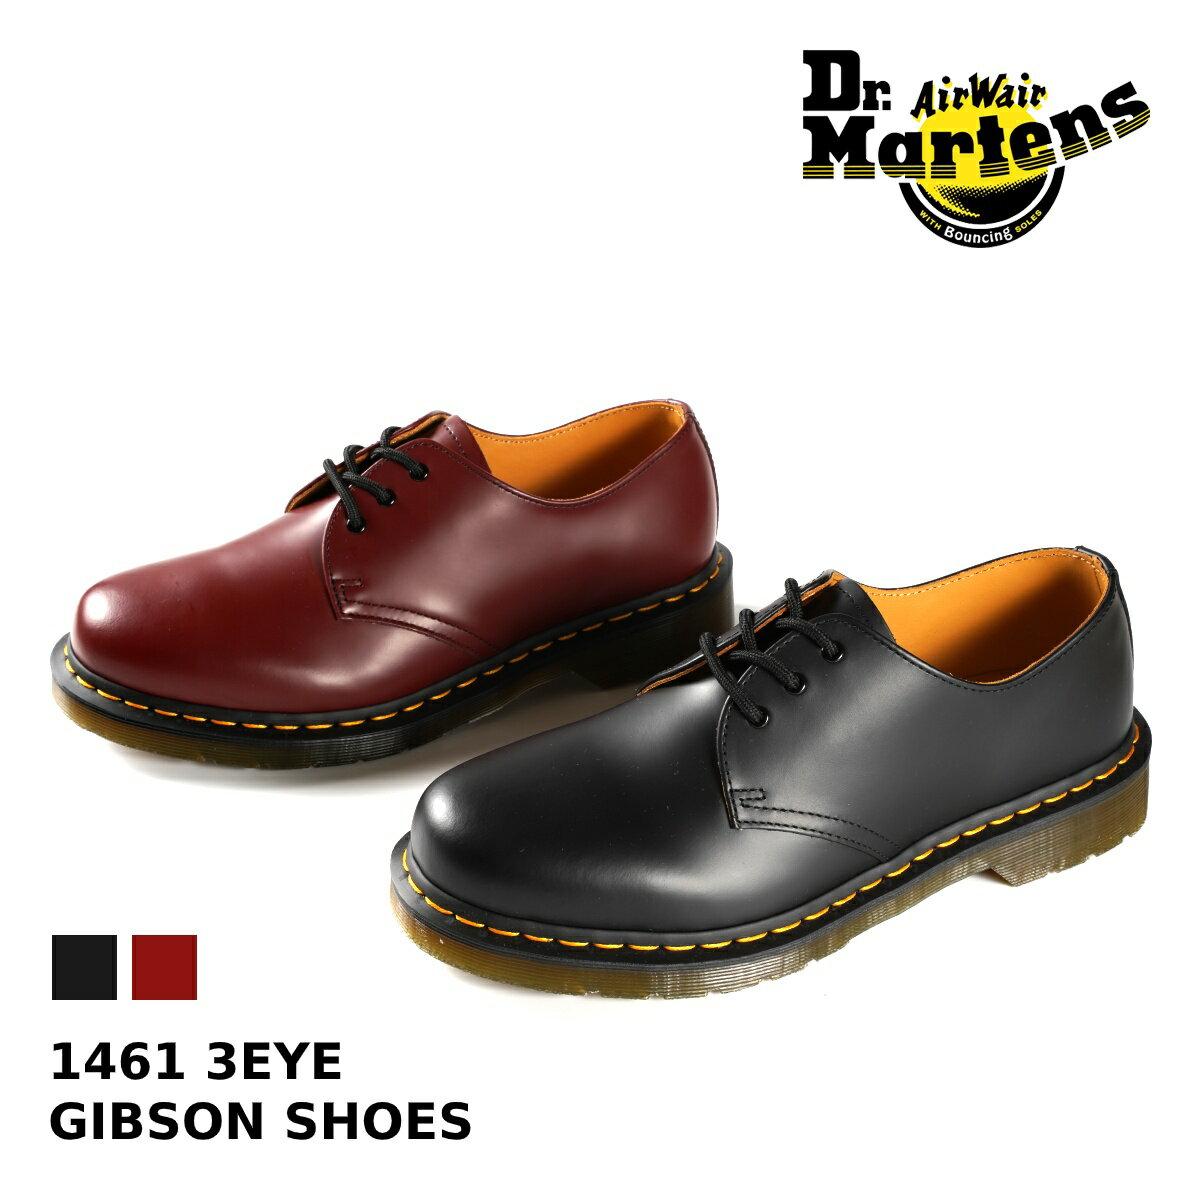 ブーツ, ワーク Dr.Martens 1461 3EYE GIBSON SHOES 3 3 BLACK(R11838002) CHERRY RED(R11838600)